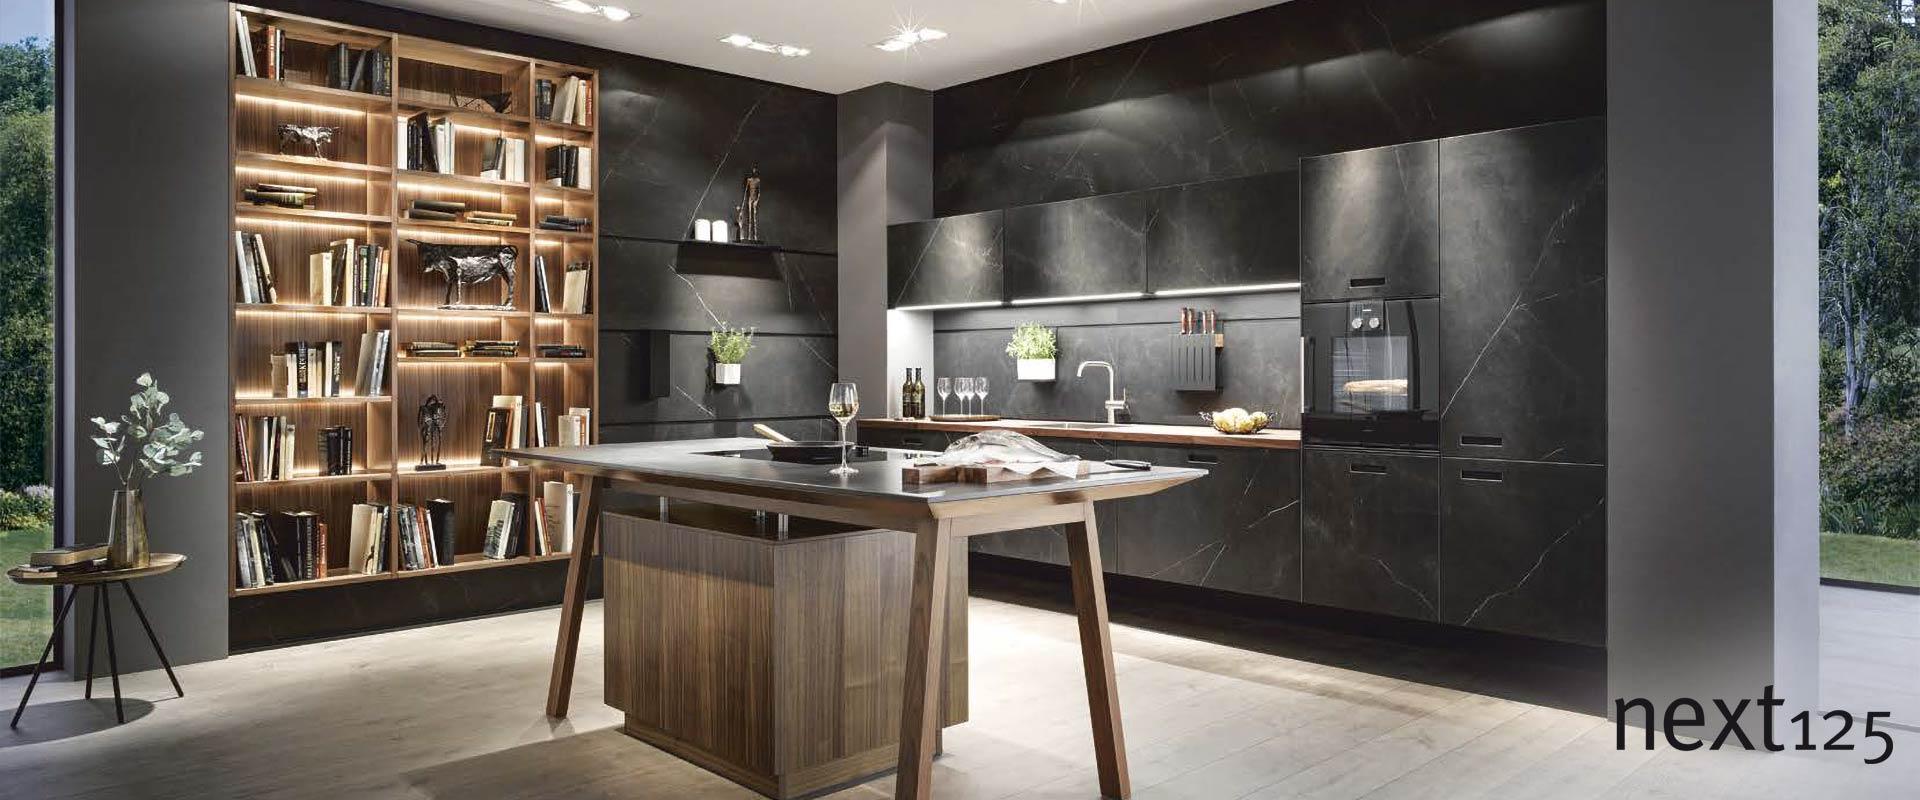 Berühmt Designer Küchen Jackson Bilder - Ideen Für Die Küche ...